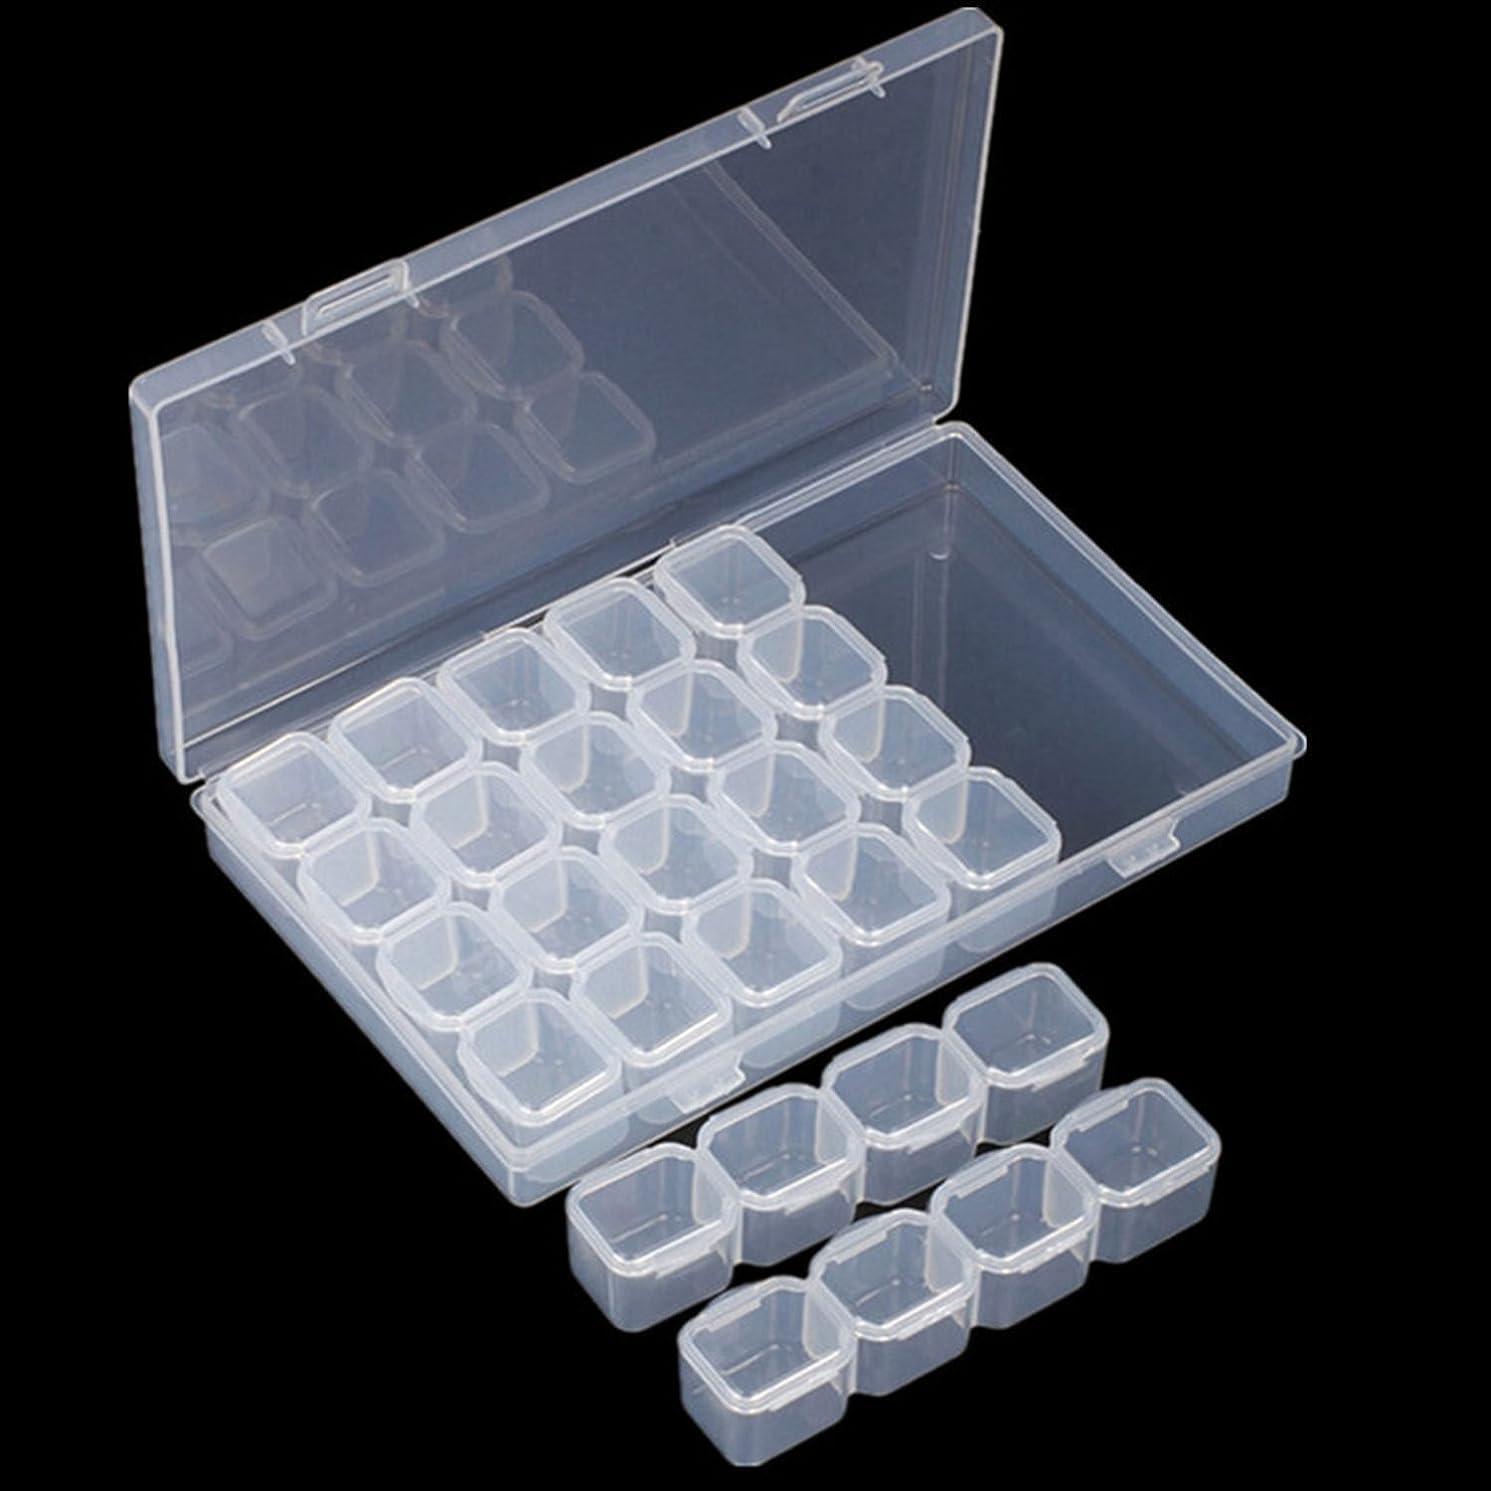 テセウス引き潮ウルルRETYLY ネイル28ラティスジュエリーボックス組み立てることができる解体ボックスネイル装飾ガジェット合金ダイヤモンドの装飾品のボックス